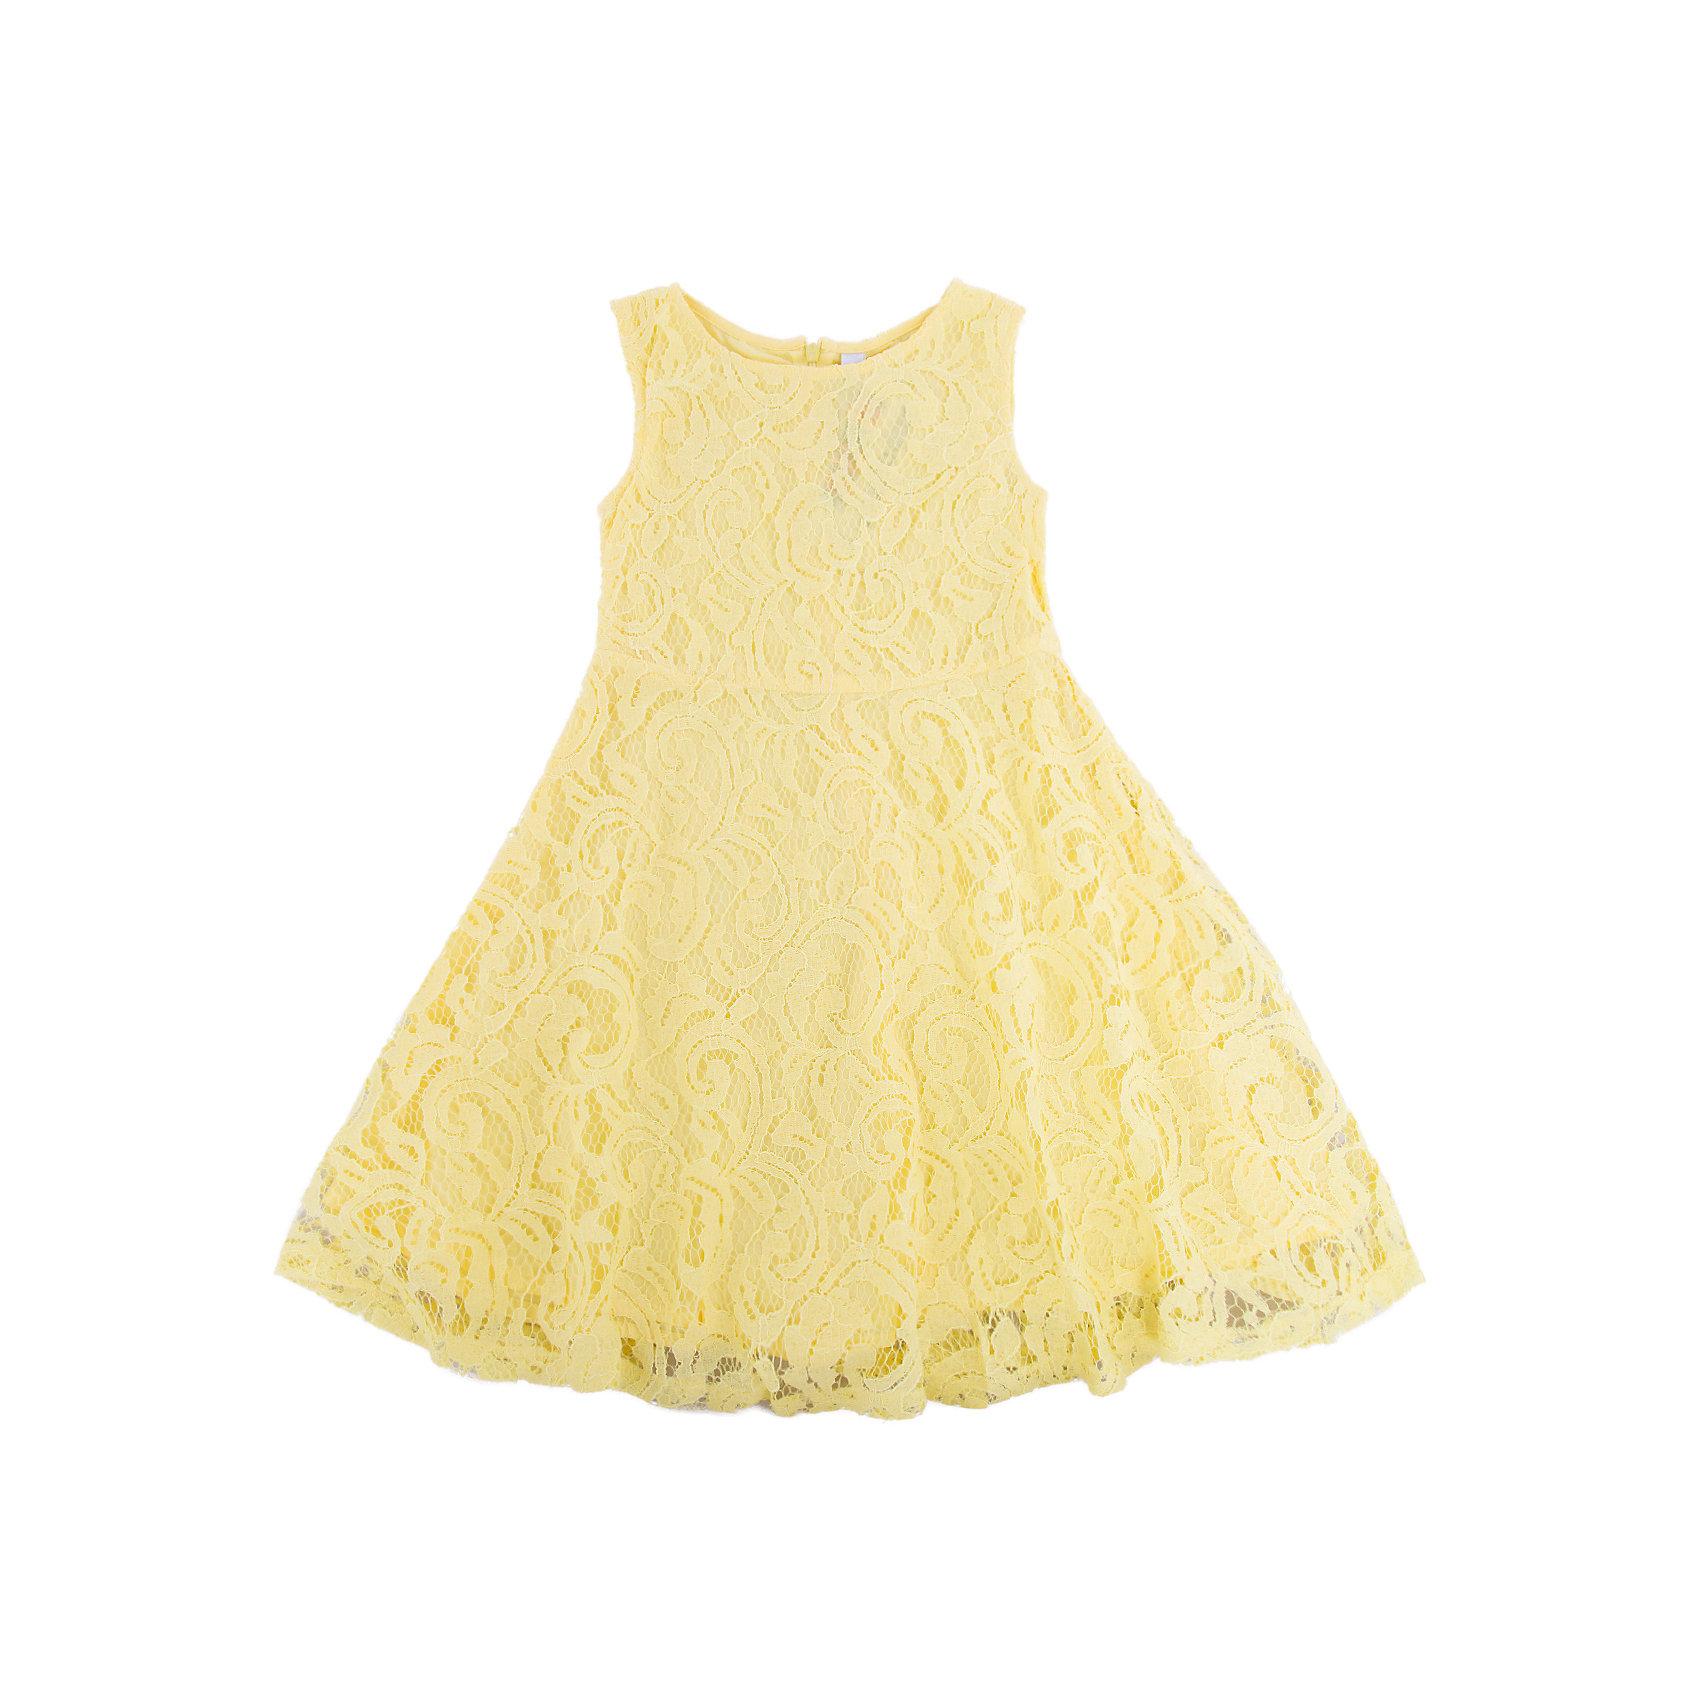 Платье для девочки PlayTodayПлатья и сарафаны<br>Характеристики товара:<br><br>• цвет: желтый<br>• состав: 80% хлопок, 20% полиамид; подкладка: 100% хлопок<br>• молния<br>• дышащий материал<br>• без рукавов<br>• мягкая обработка краев<br>• комфортная посадка<br>• коллекция: весна-лето 2017<br>• страна бренда: Германия<br>• страна производства: Китай<br><br>Популярный бренд PlayToday выпустил новую коллекцию! Вещи из неё продолжают радовать покупателей удобством, стильным дизайном и продуманным кроем. Дети носят их с удовольствием. PlayToday - это линейка товаров, созданная специально для детей. Дизайнеры учитывают новые веяния моды и потребности детей. Порадуйте ребенка обновкой от проверенного производителя!<br>Такая стильная модель обеспечит ребенку комфорт благодаря качественному материалу и продуманному крою. С помощью неё можно удобно одеться по погоде. Очень модная вещь! Симпатично выглядит и долго служит.<br><br>Платье для девочки от известного бренда PlayToday можно купить в нашем интернет-магазине.<br><br>Ширина мм: 236<br>Глубина мм: 16<br>Высота мм: 184<br>Вес г: 177<br>Цвет: желтый<br>Возраст от месяцев: 72<br>Возраст до месяцев: 84<br>Пол: Женский<br>Возраст: Детский<br>Размер: 122,116,110,104,98,128<br>SKU: 5404293